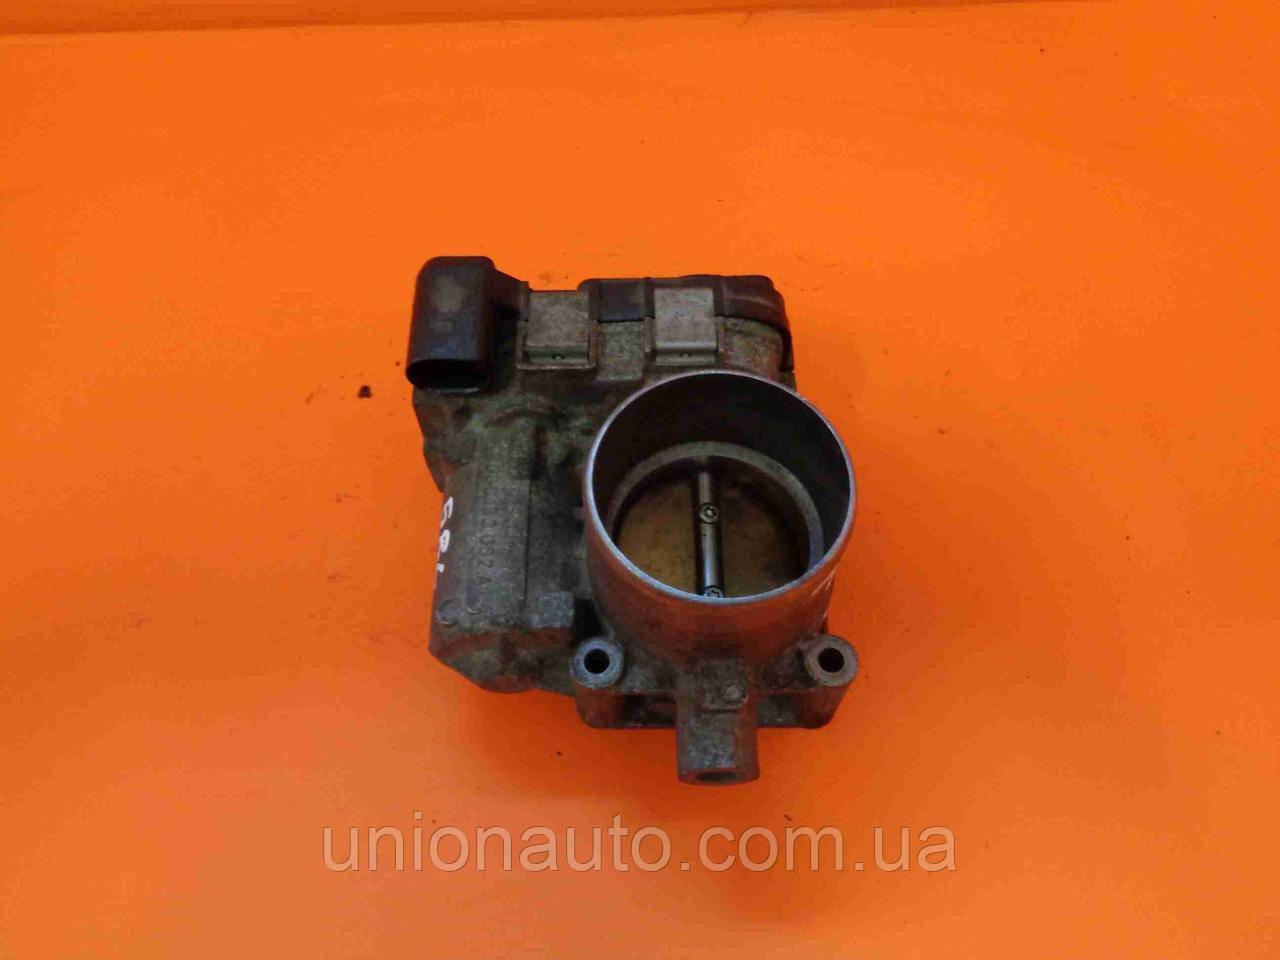 VW GOLF V 1.4 FSI 05 90 КМ Дроссельная заслонка